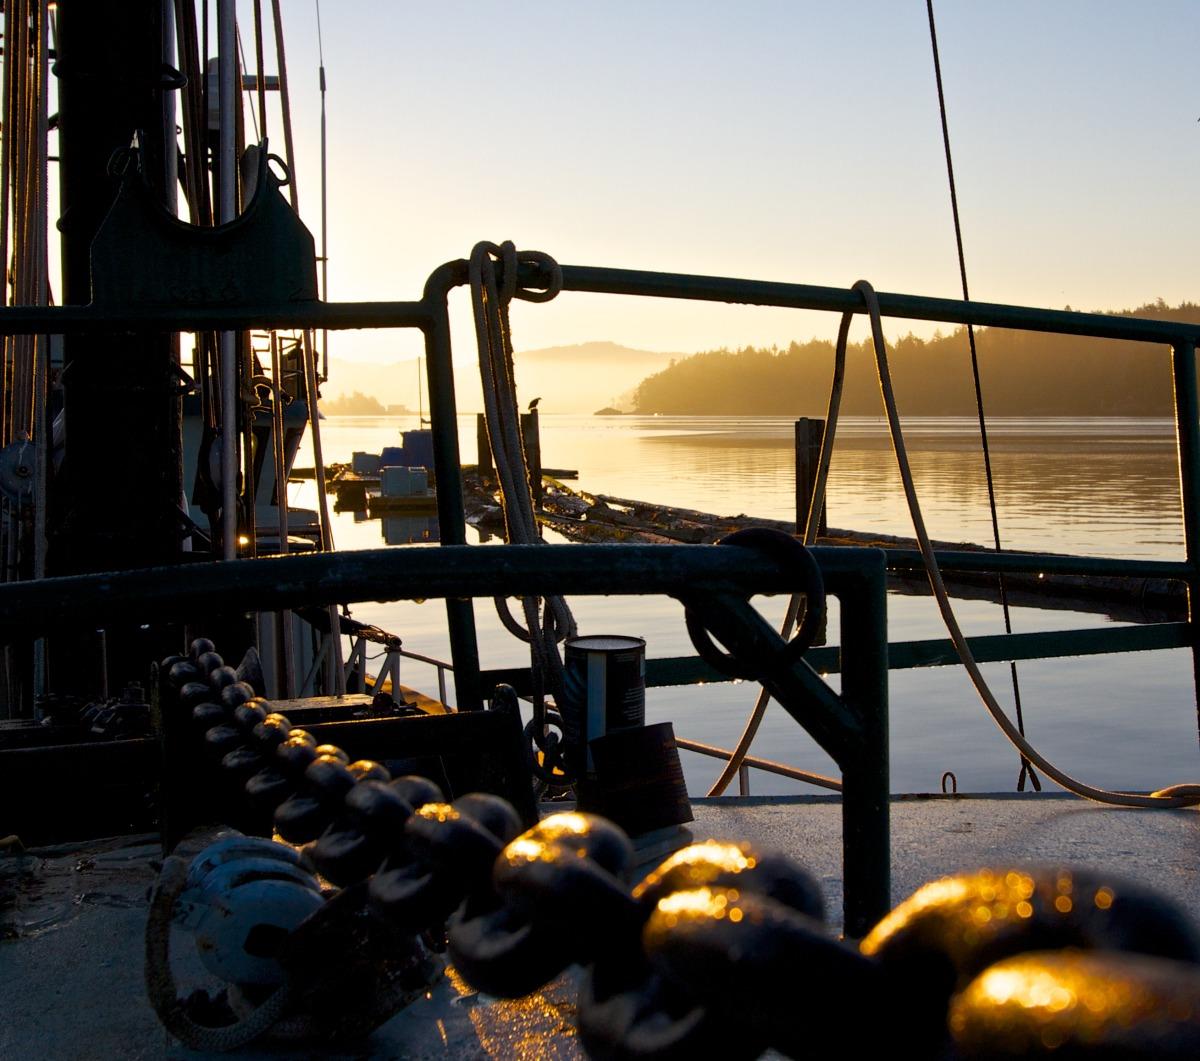 2012-08-12 at 05-39-17 sunrise, chain, ship, boat, ocean, mist, morning.jpg